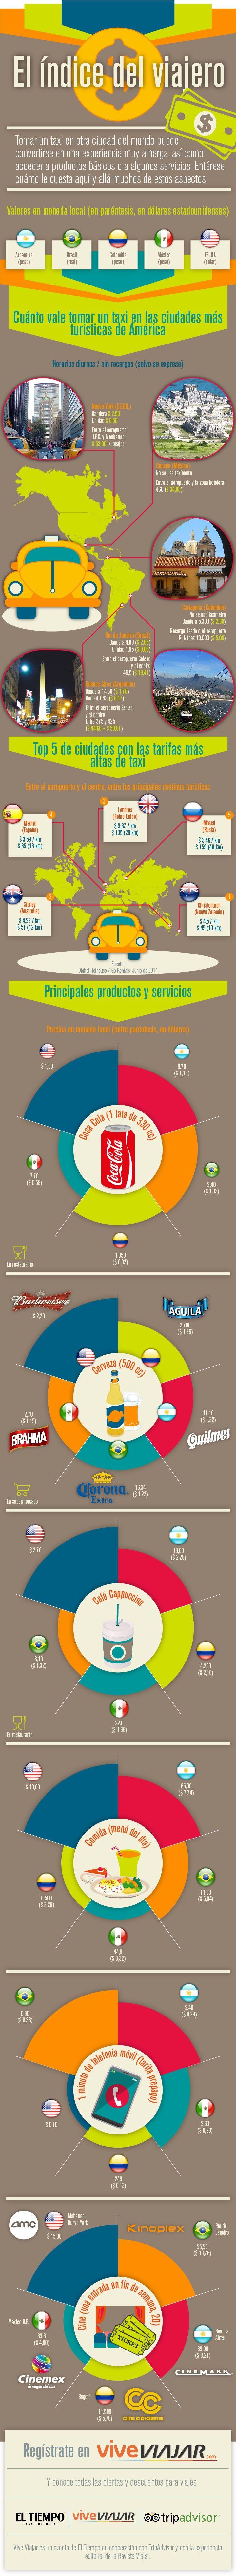 El índice del viajero Cc: @cappurro =)